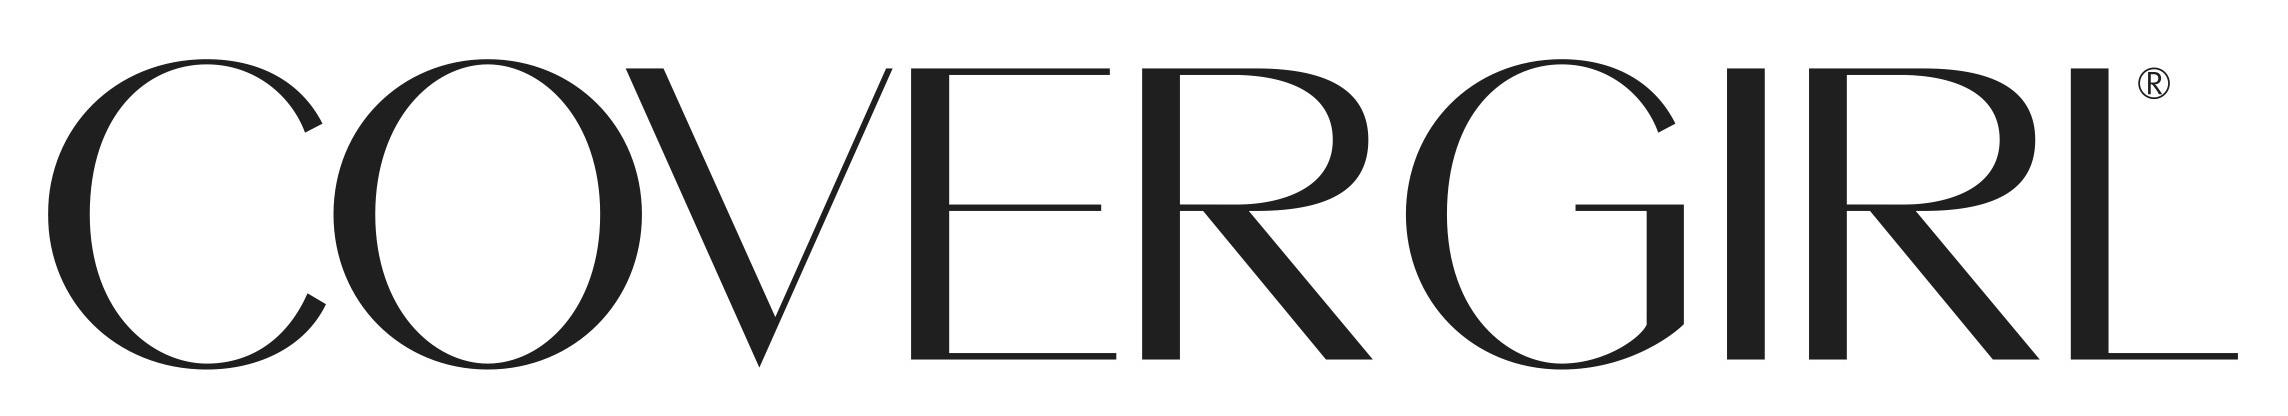 CoverGirl_logo.jpg